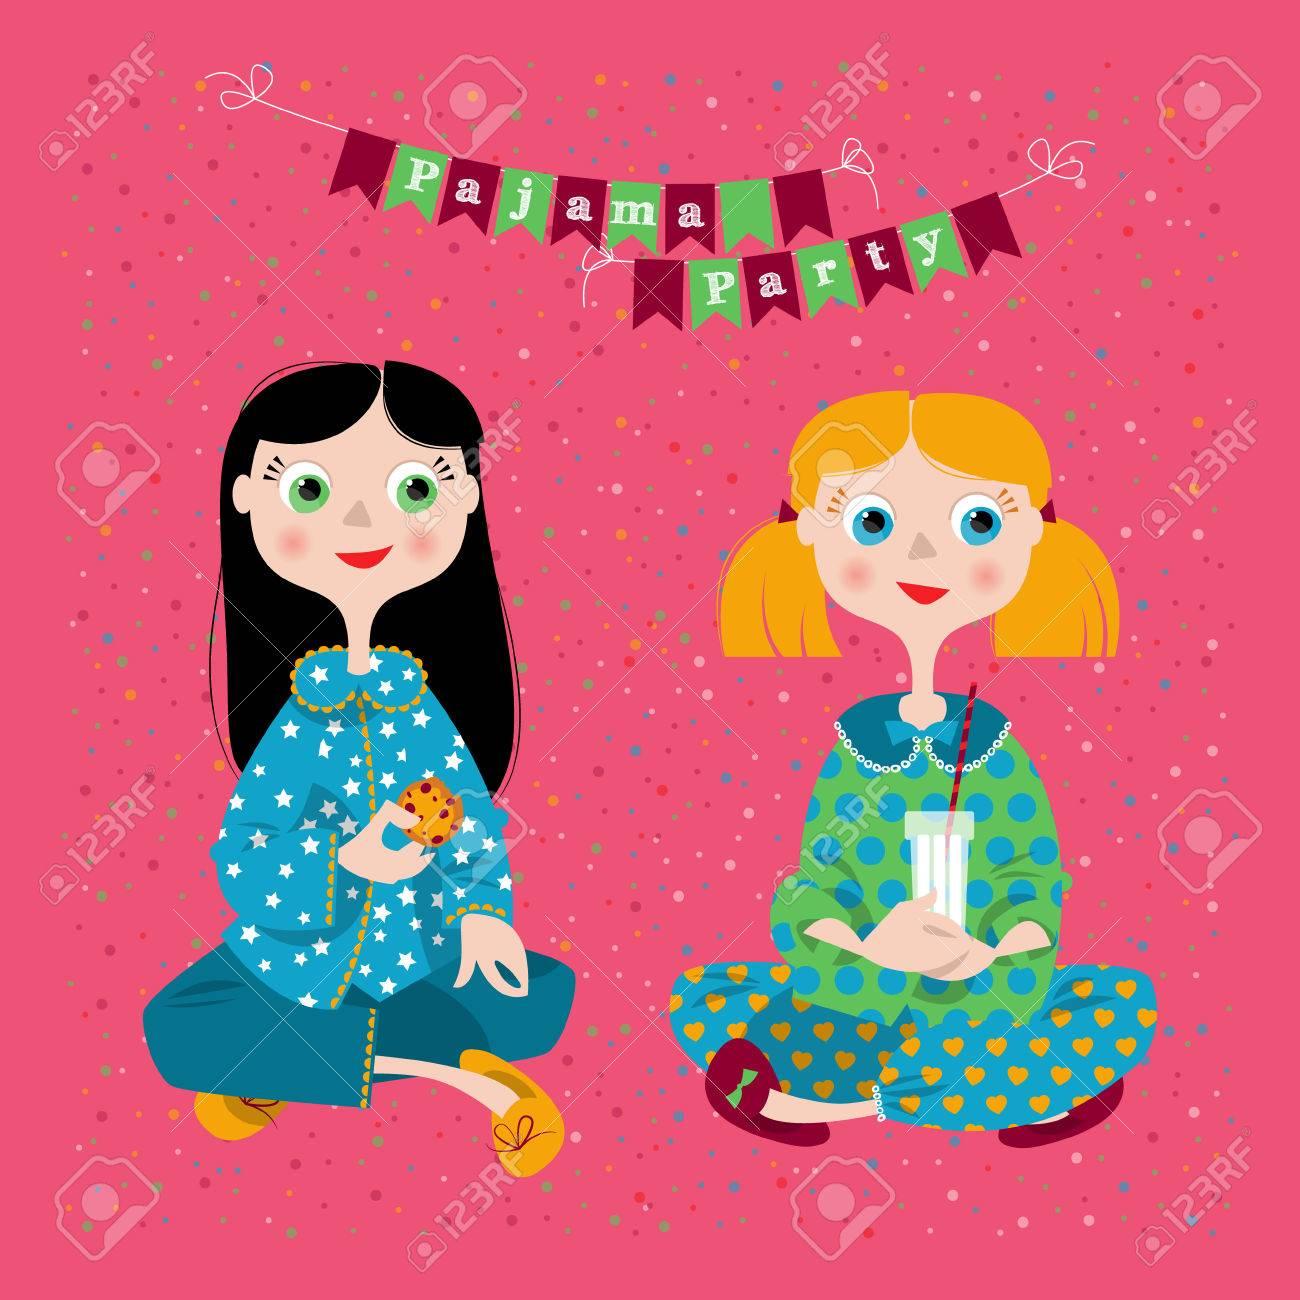 Deux Filles Dans Une Soirée Pyjama Pajama Party Vector Illustration